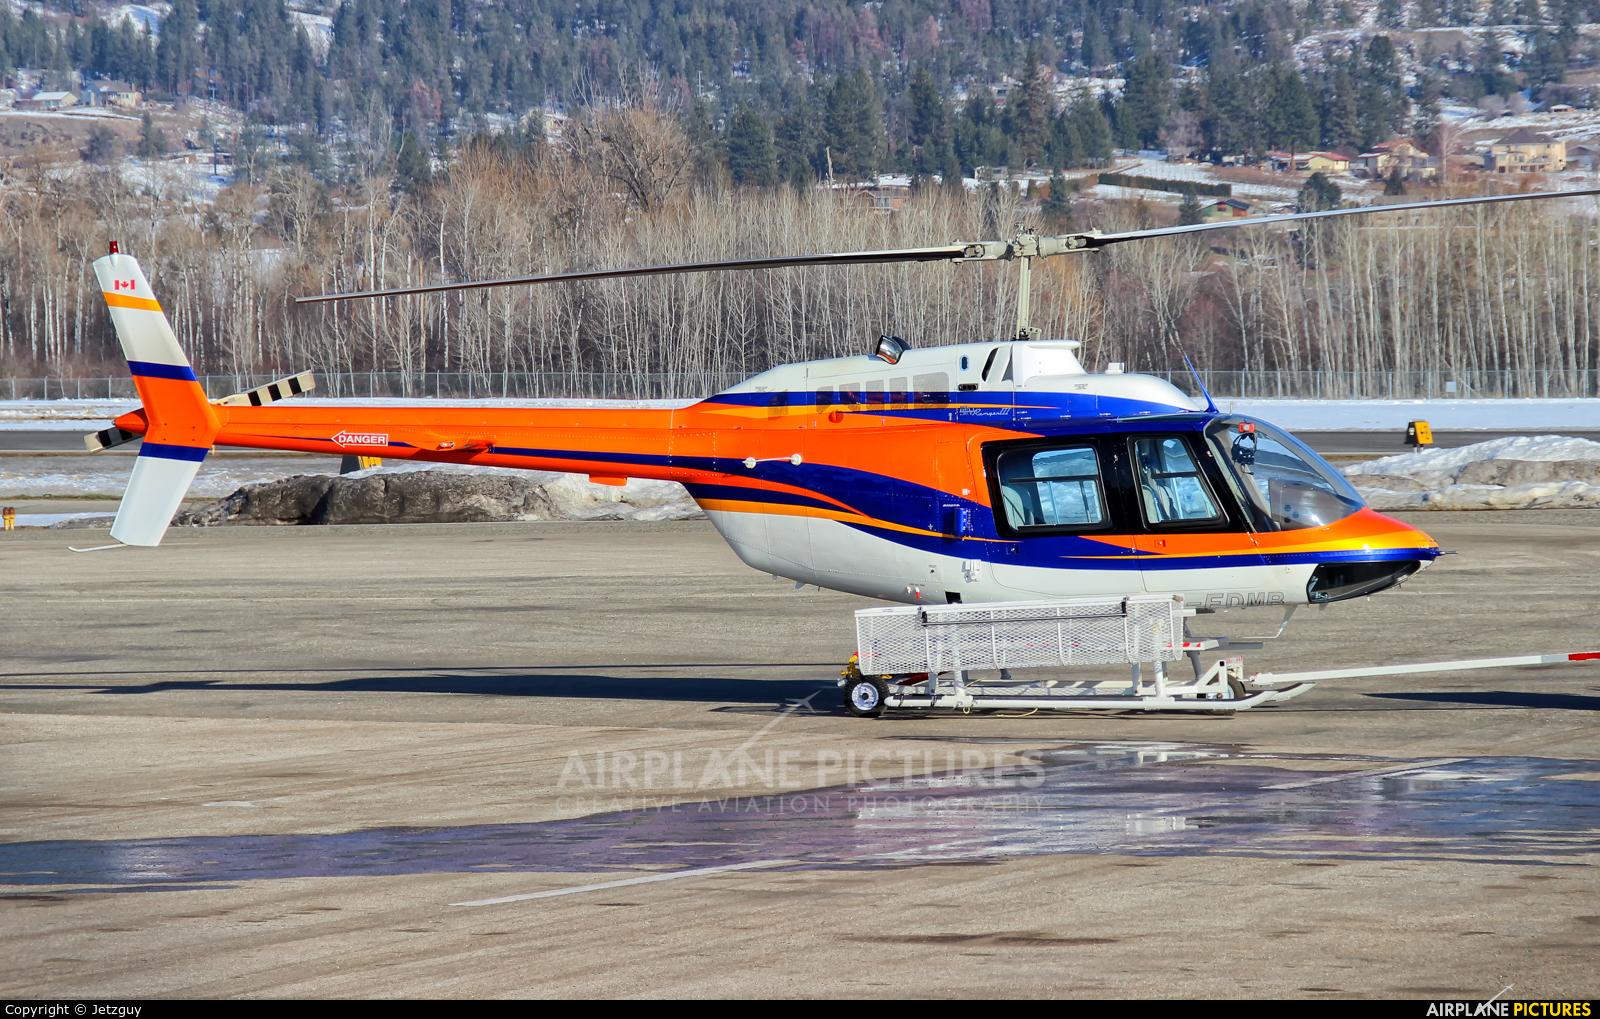 Private C-FDMR aircraft at Kelowna, BC